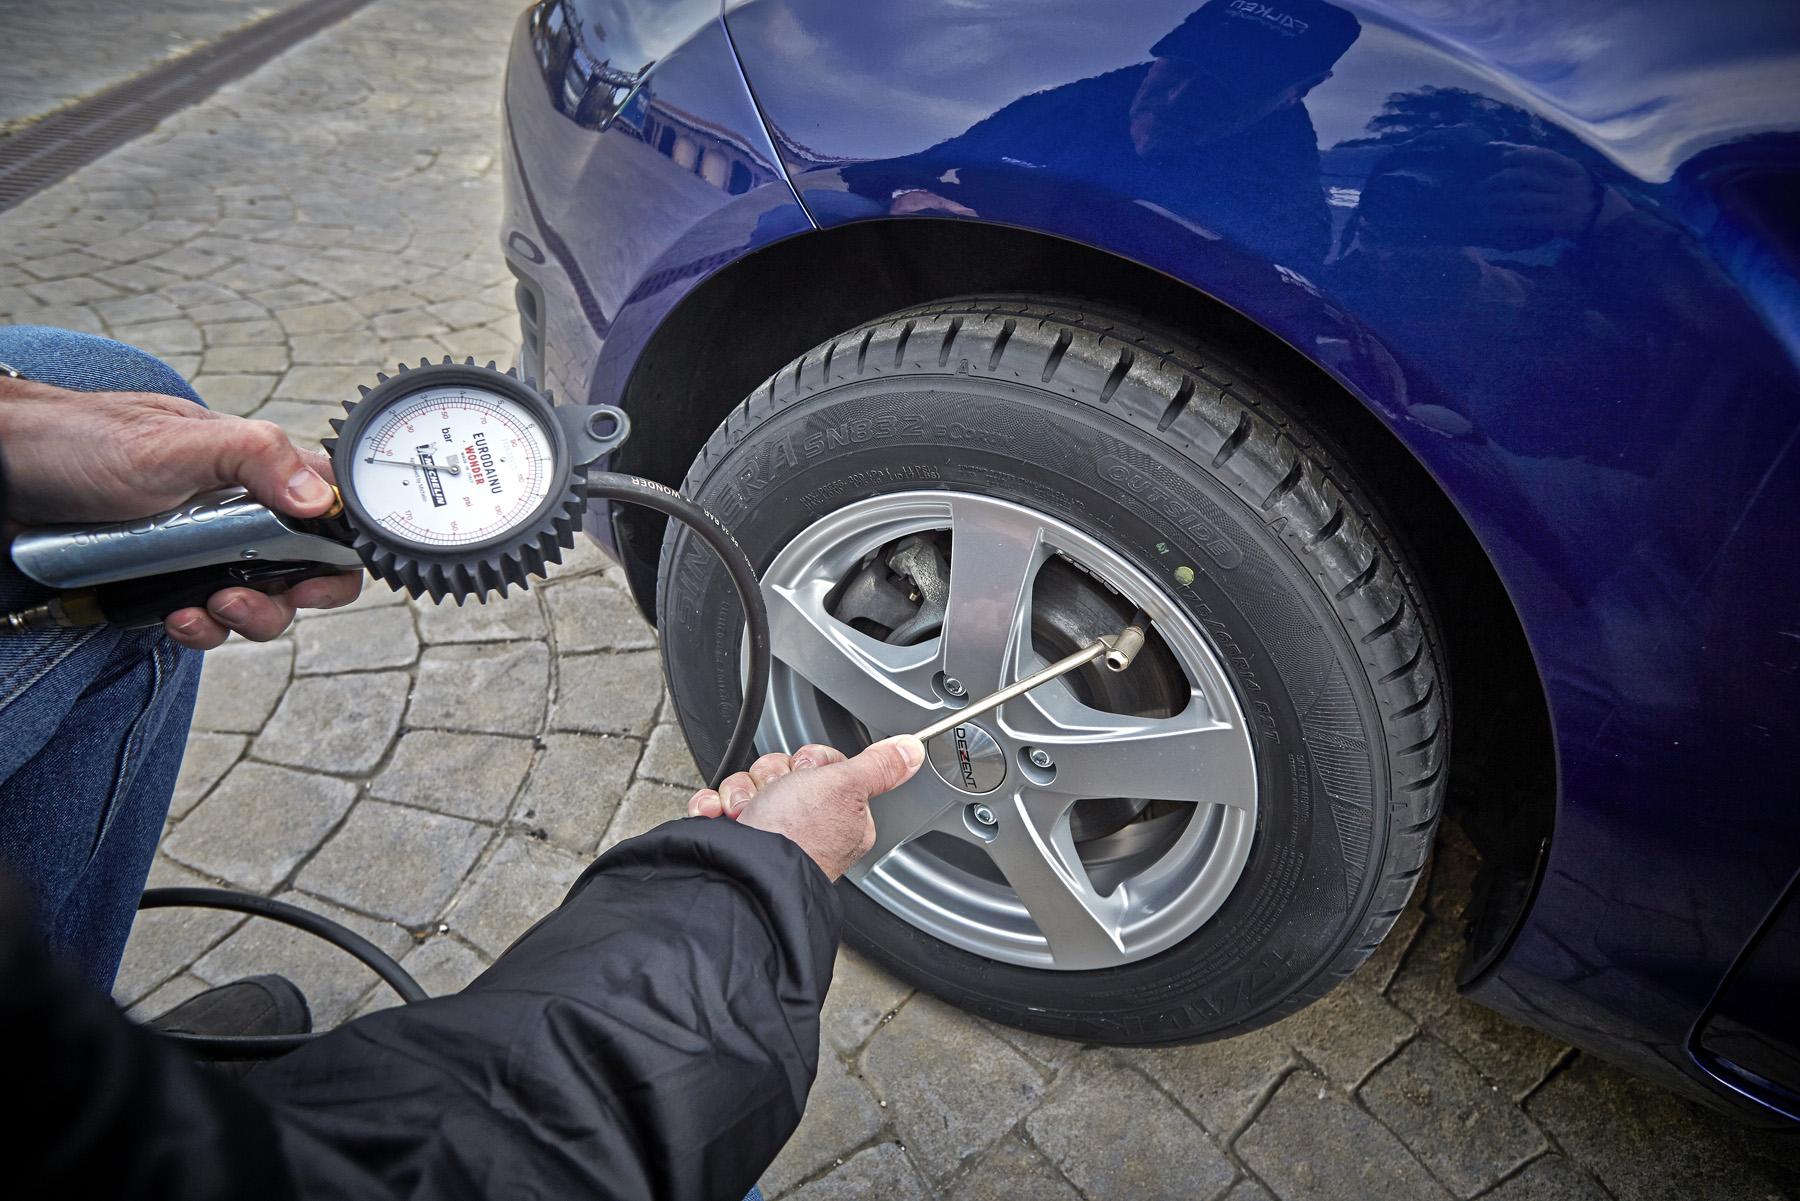 Falken offers 6 TLC (Tyre Loving Care) tips for lockdown cars